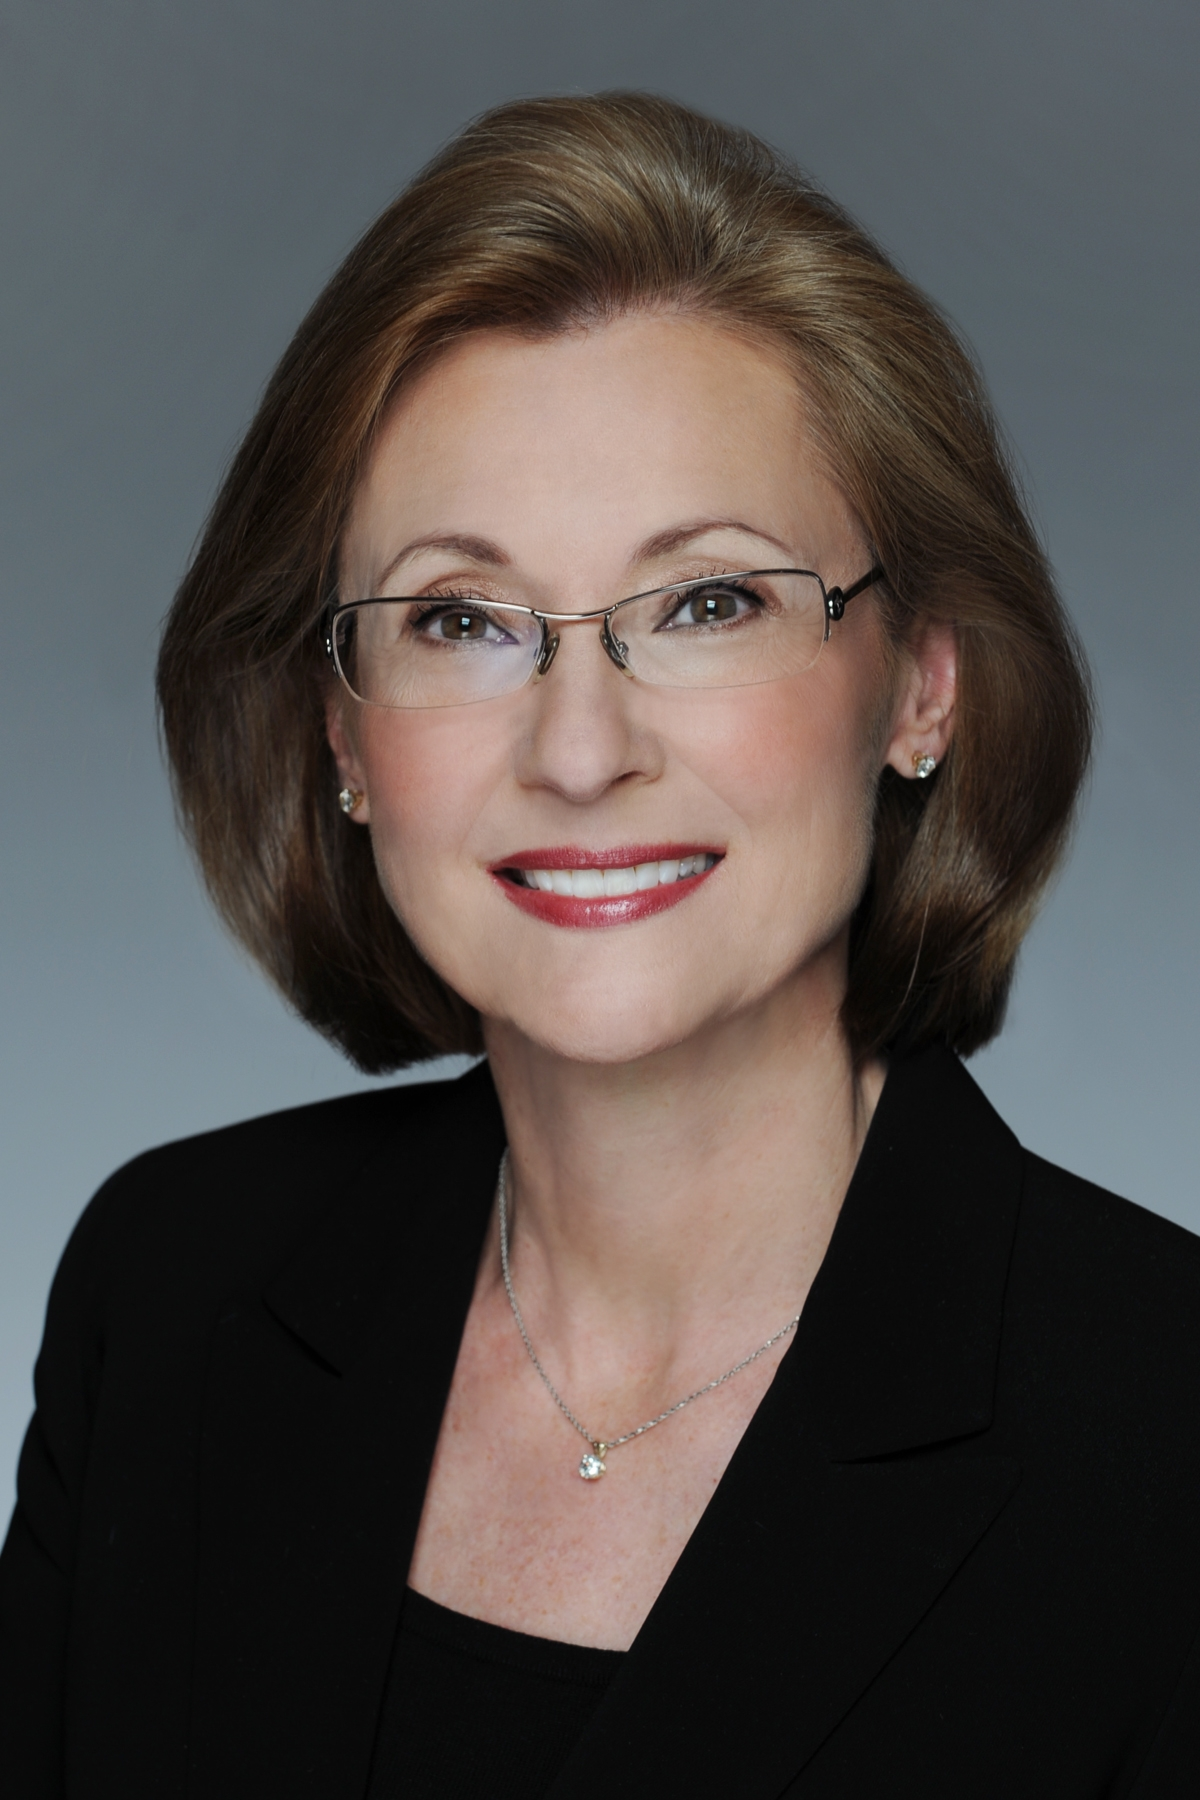 Joan Healy